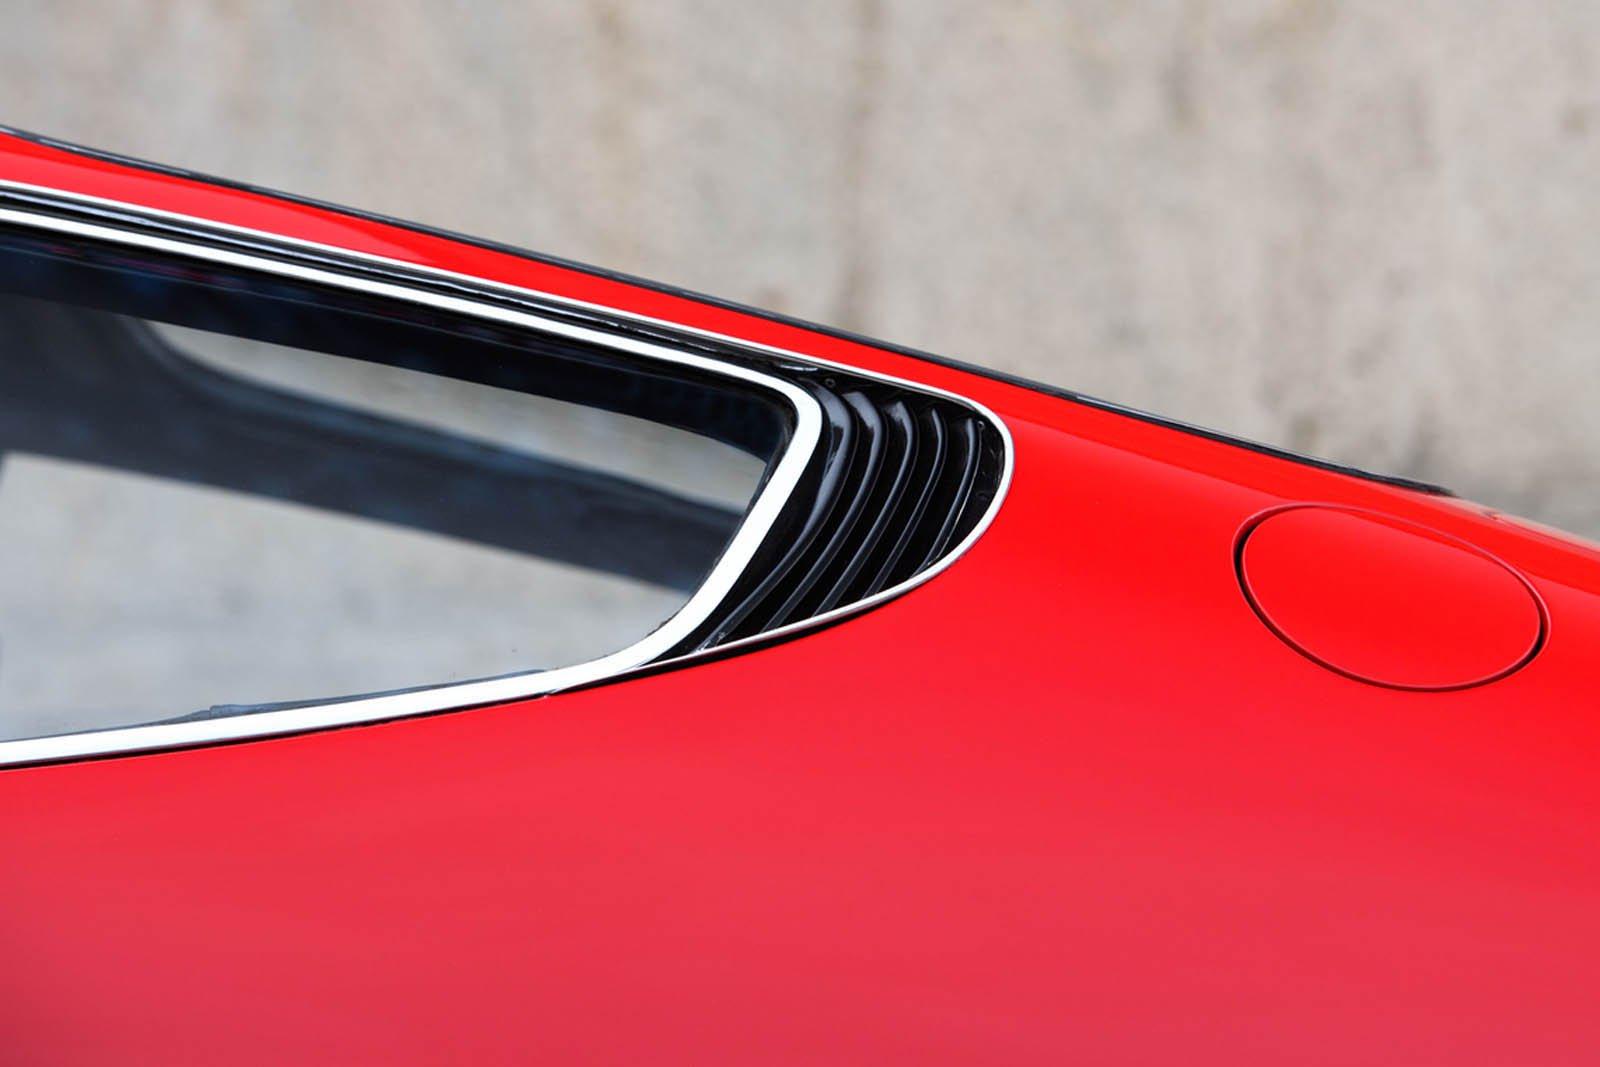 Ferrari-365-GTB4-Daytona-ex-Elton-John-8